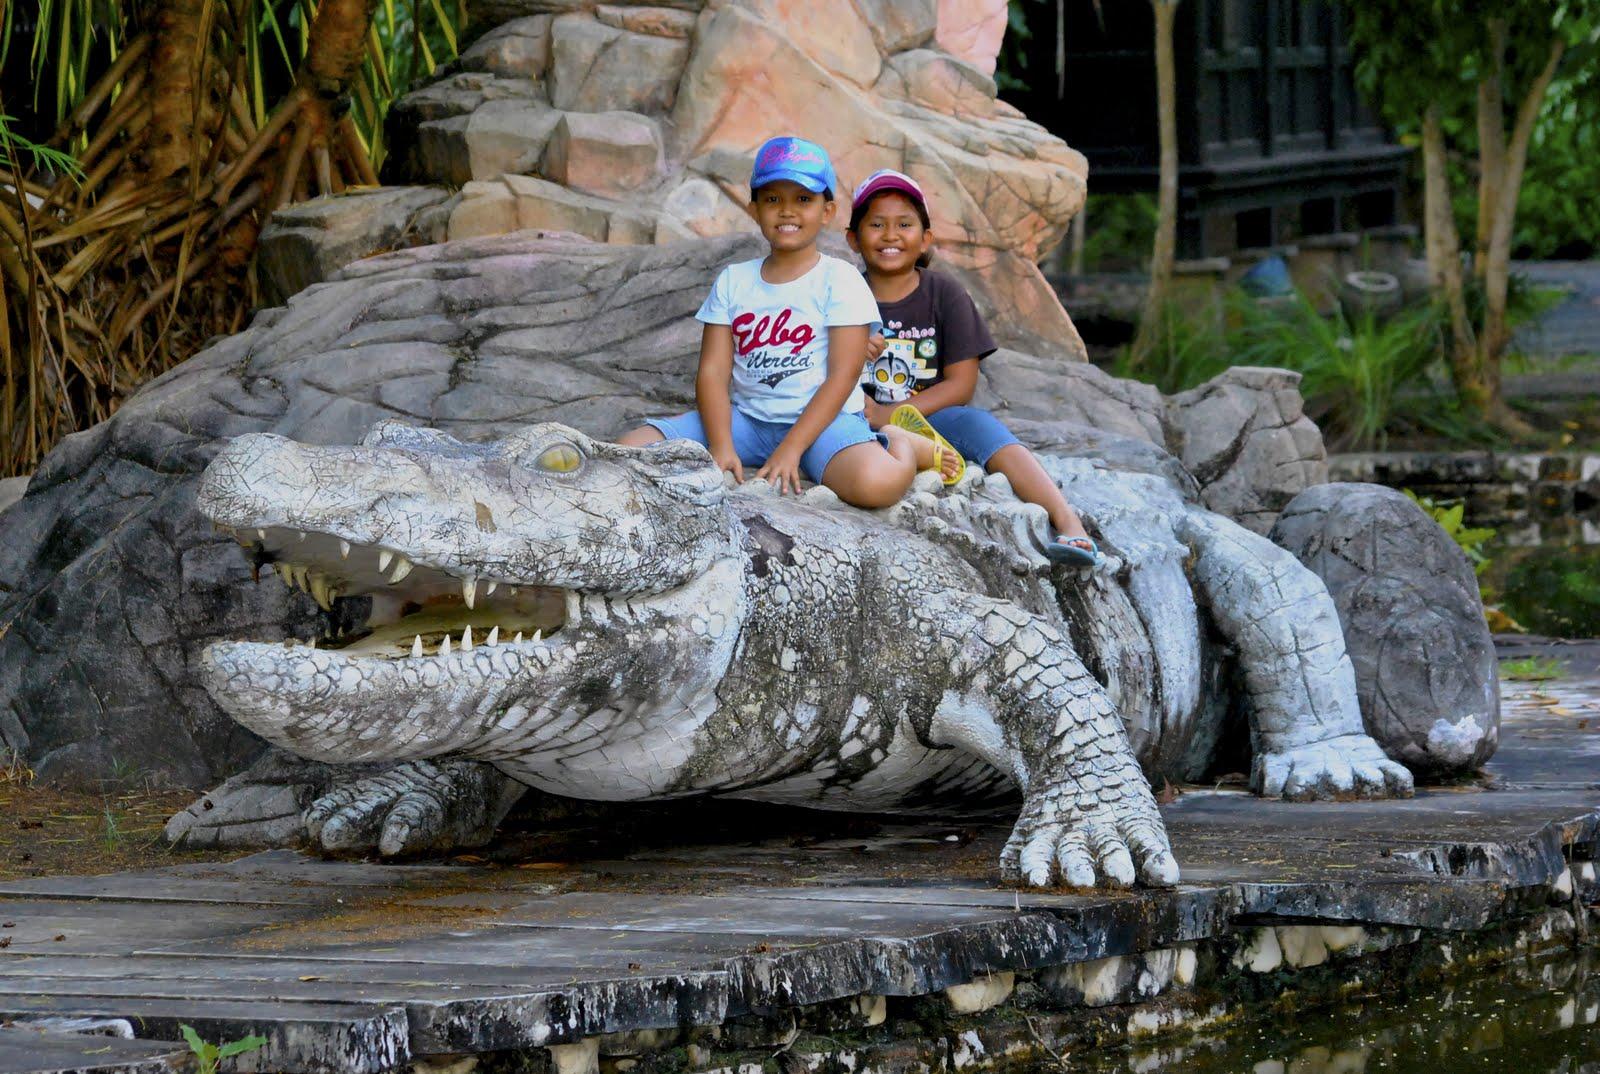 أفضل أنشطة عند زيارة حديقة التماسيح في لنكاوي